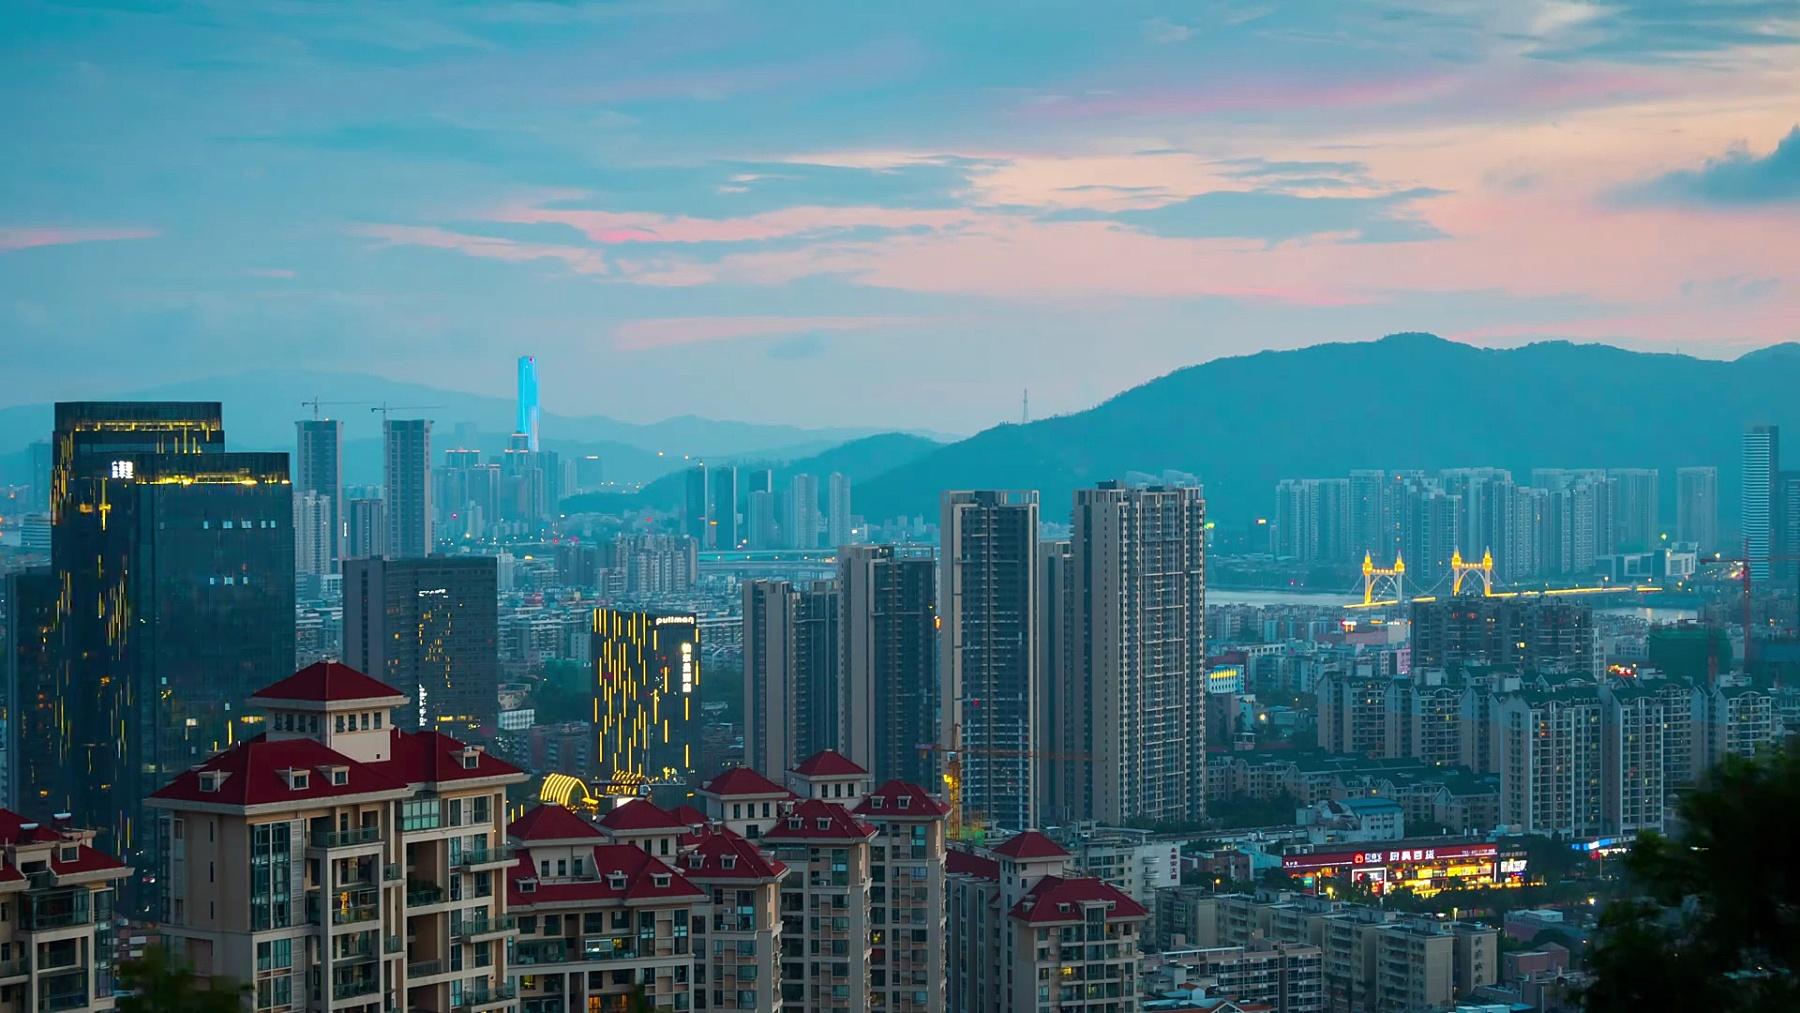 中国曙光珠海名山公园顶城市景观航空全景图 延时